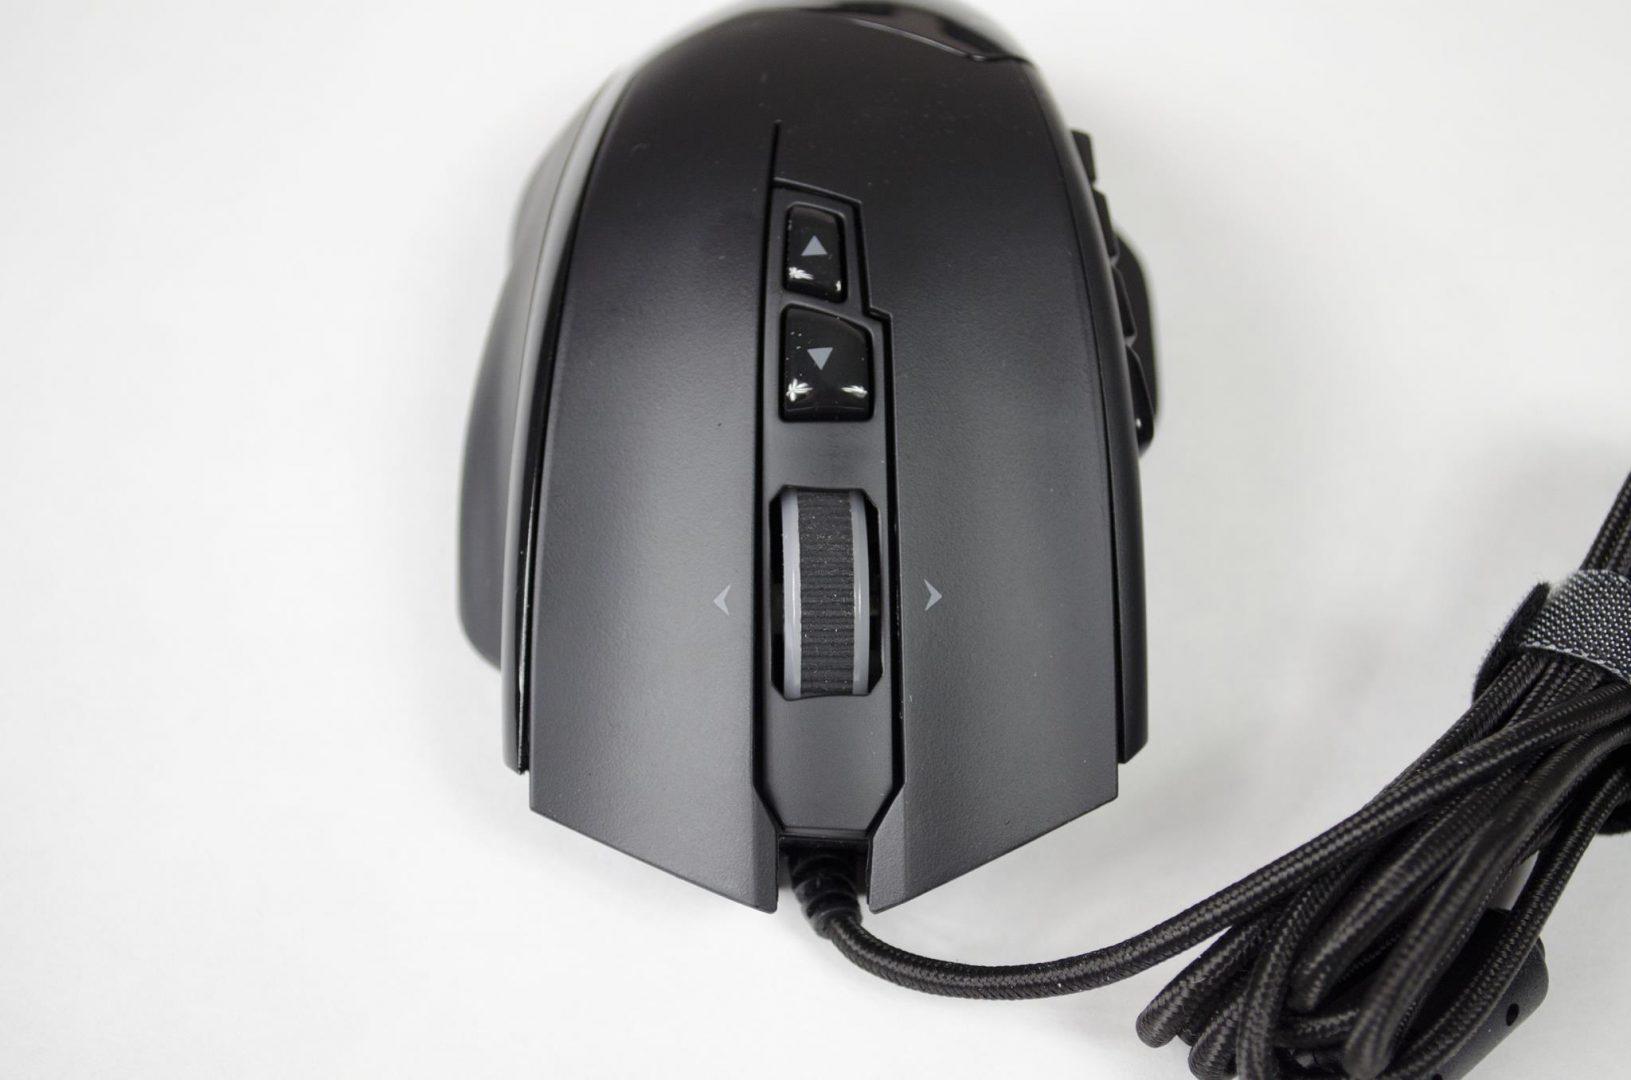 havit-hv-ms735-mouse-review_7